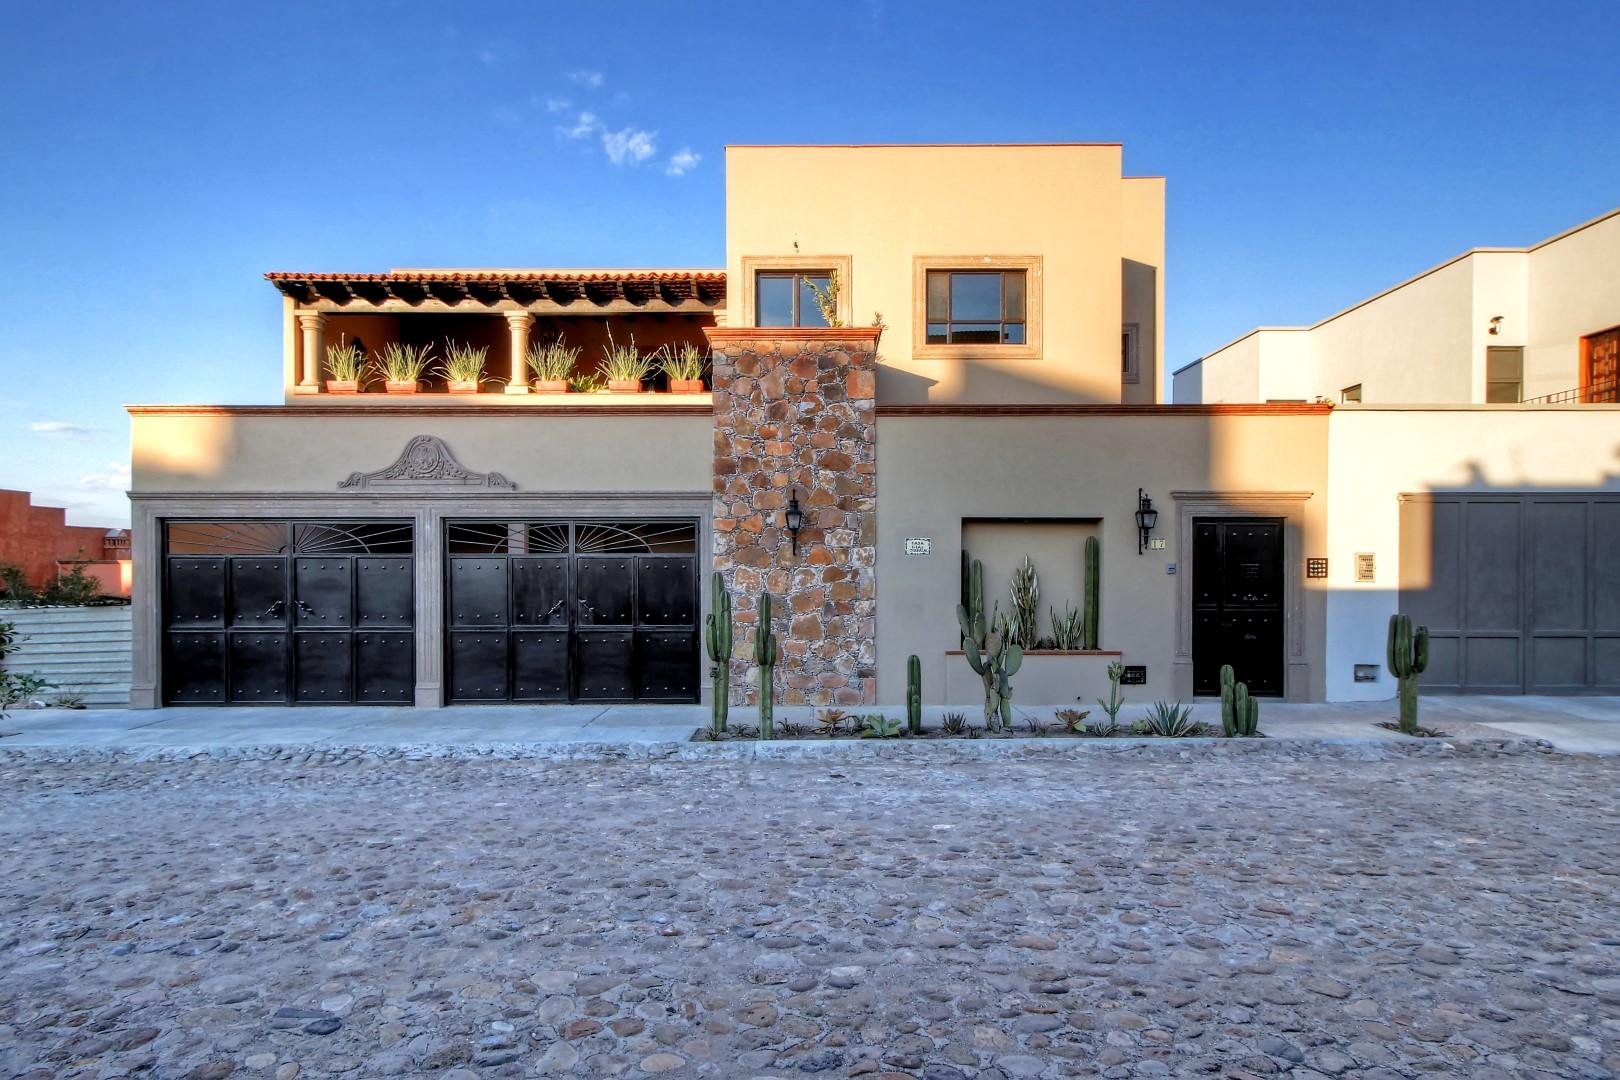 Single Family Home for Sale at Casa Las Terrazas San Adbiel 17 San Miguel De Allende, Guanajuato 37774 Mexico